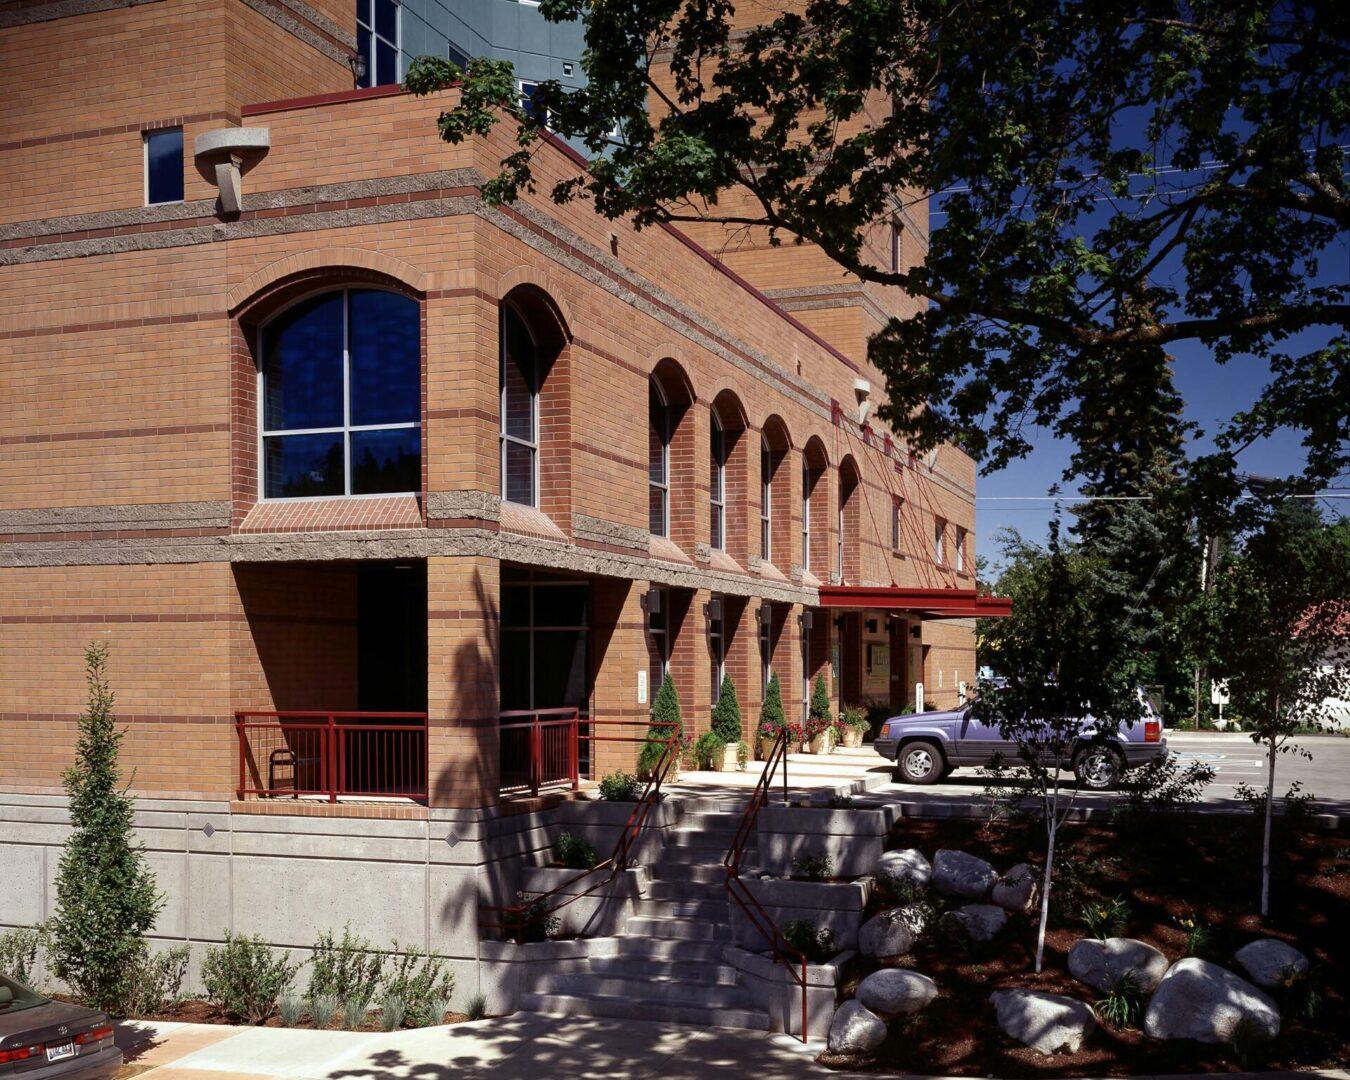 McEuen Terrace